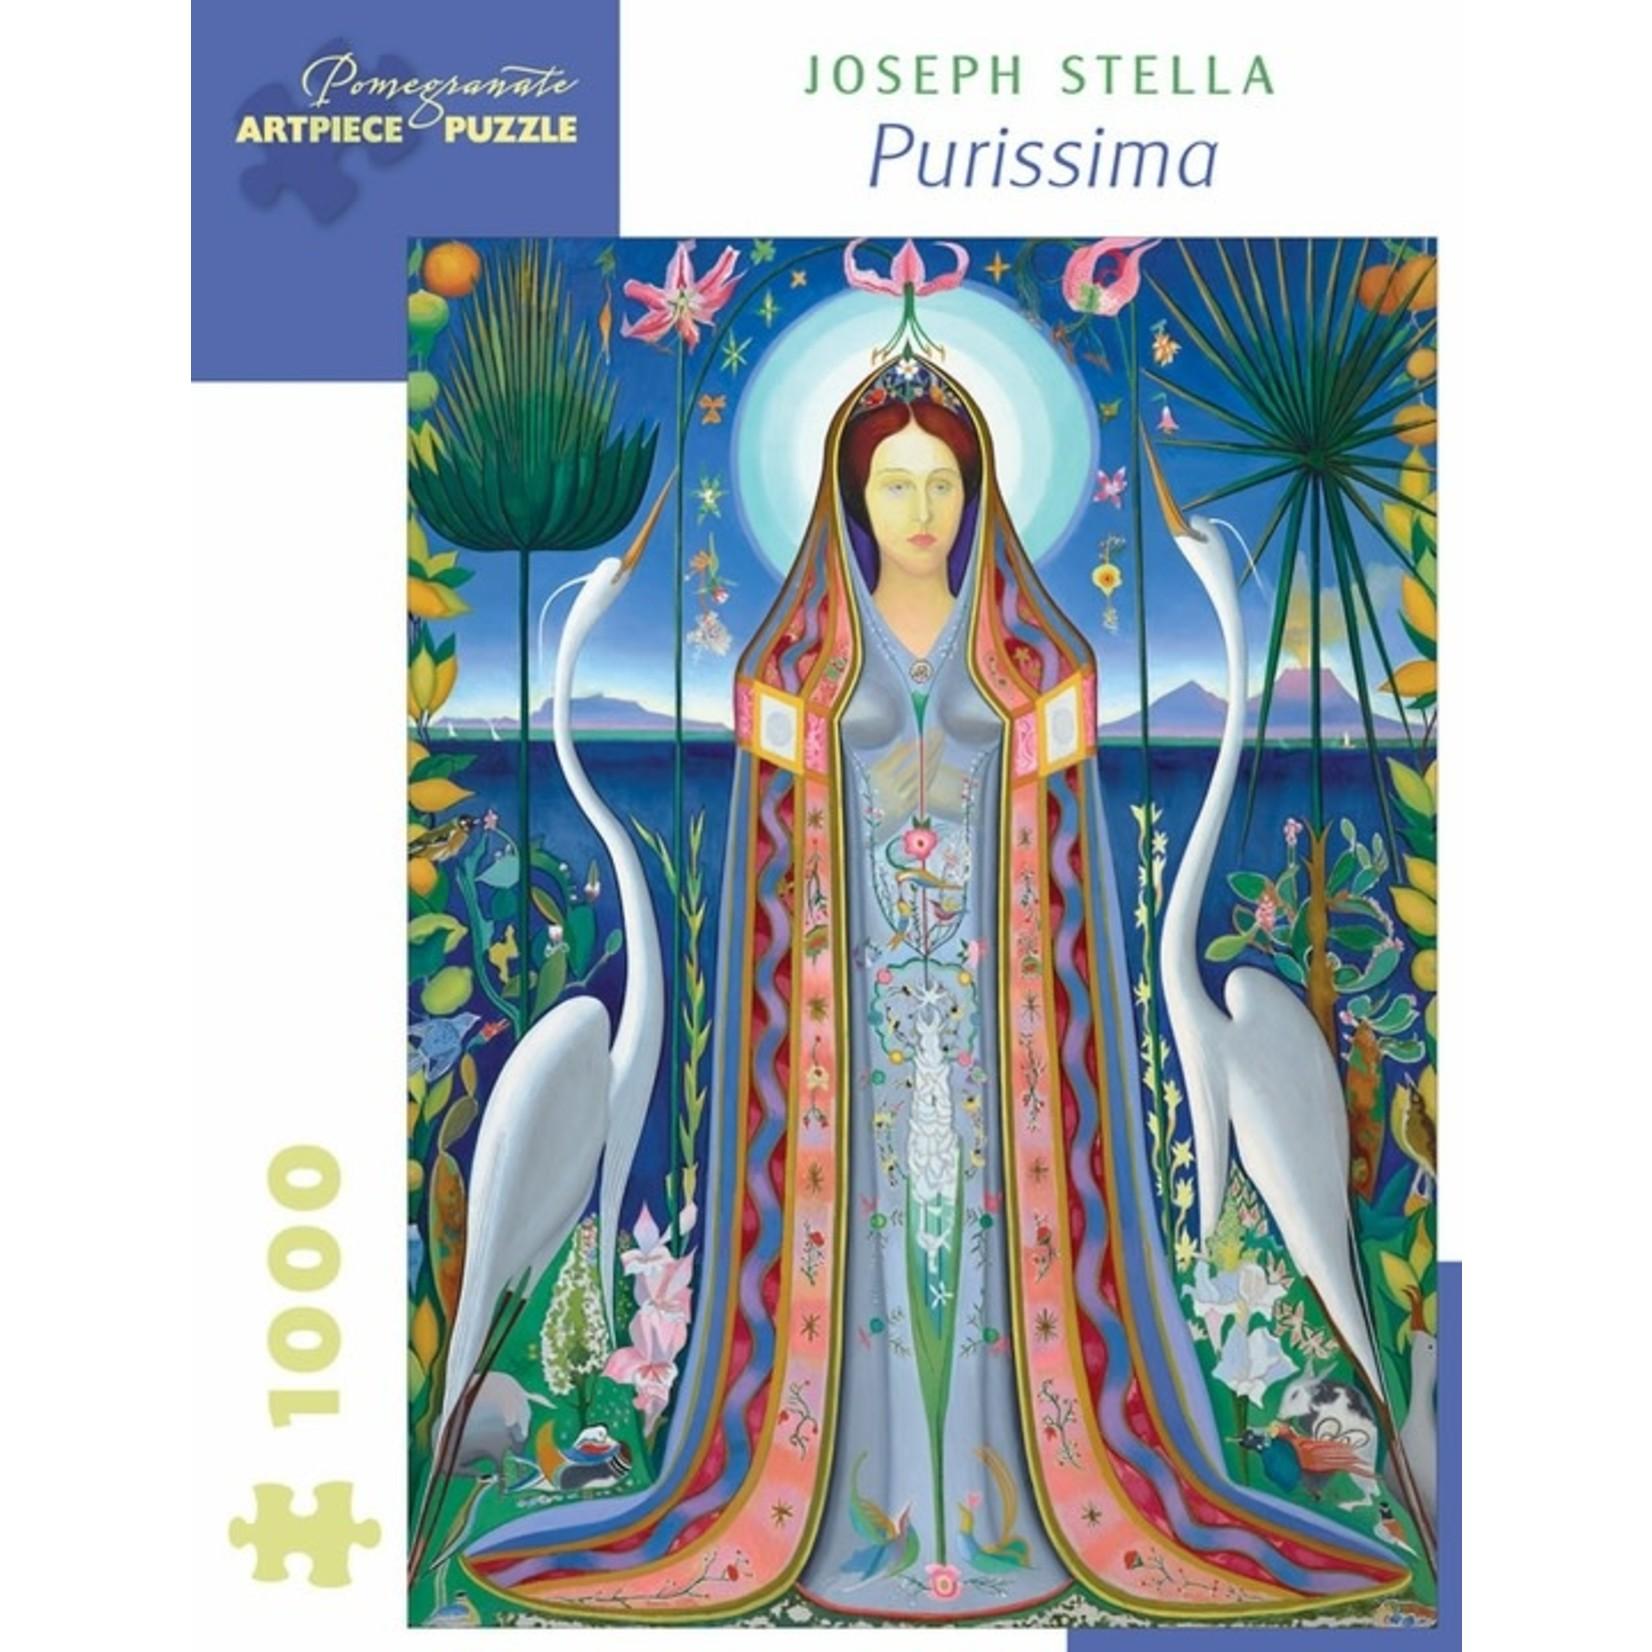 Pomegranate Pomegranate - 1000 Piece Puzzle: Joseph Stella Purissima